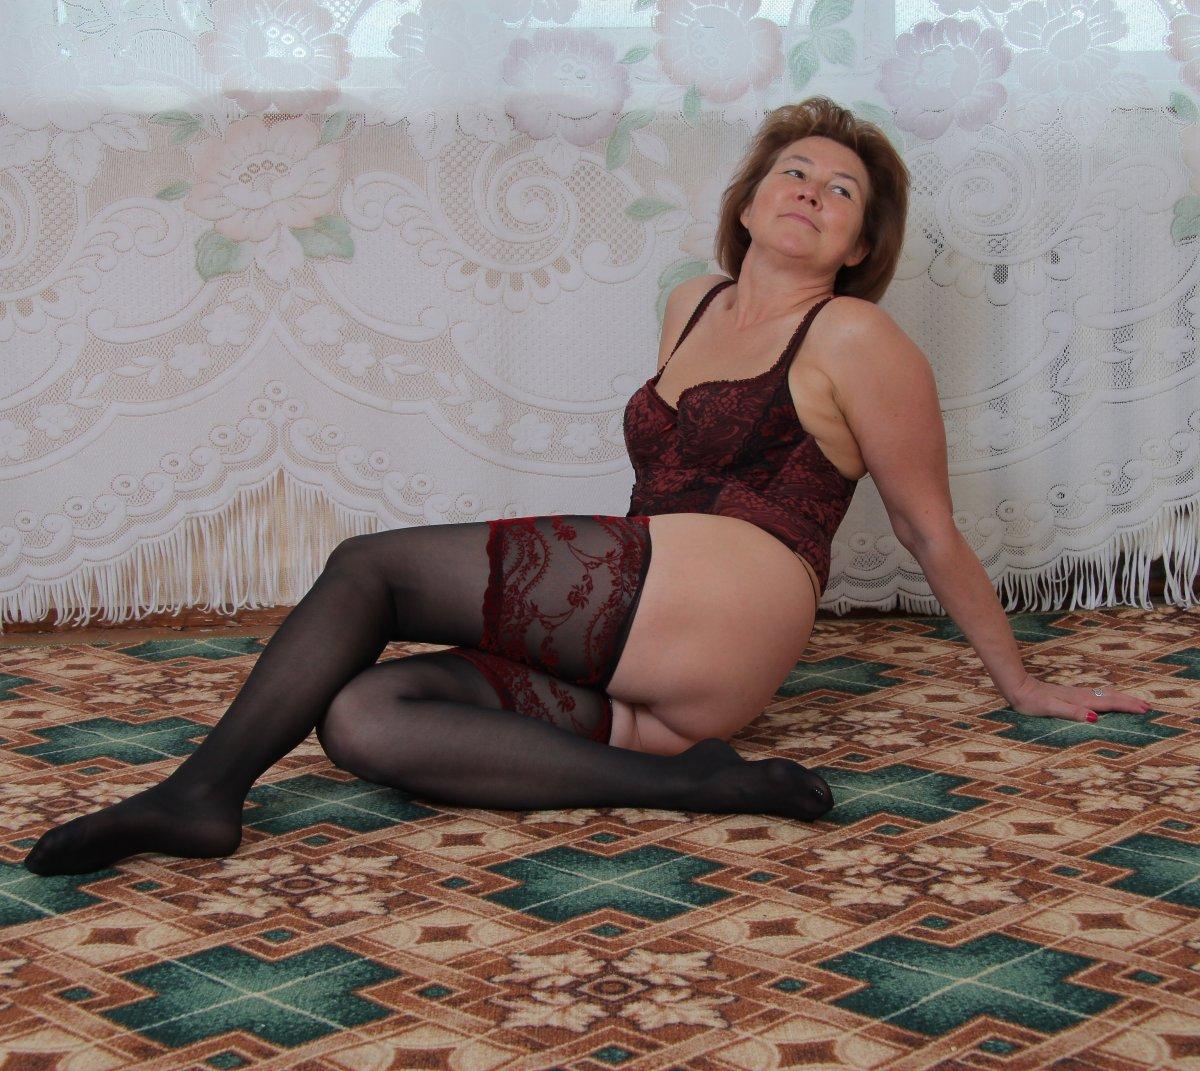 проститутки краснодар гидростроителей